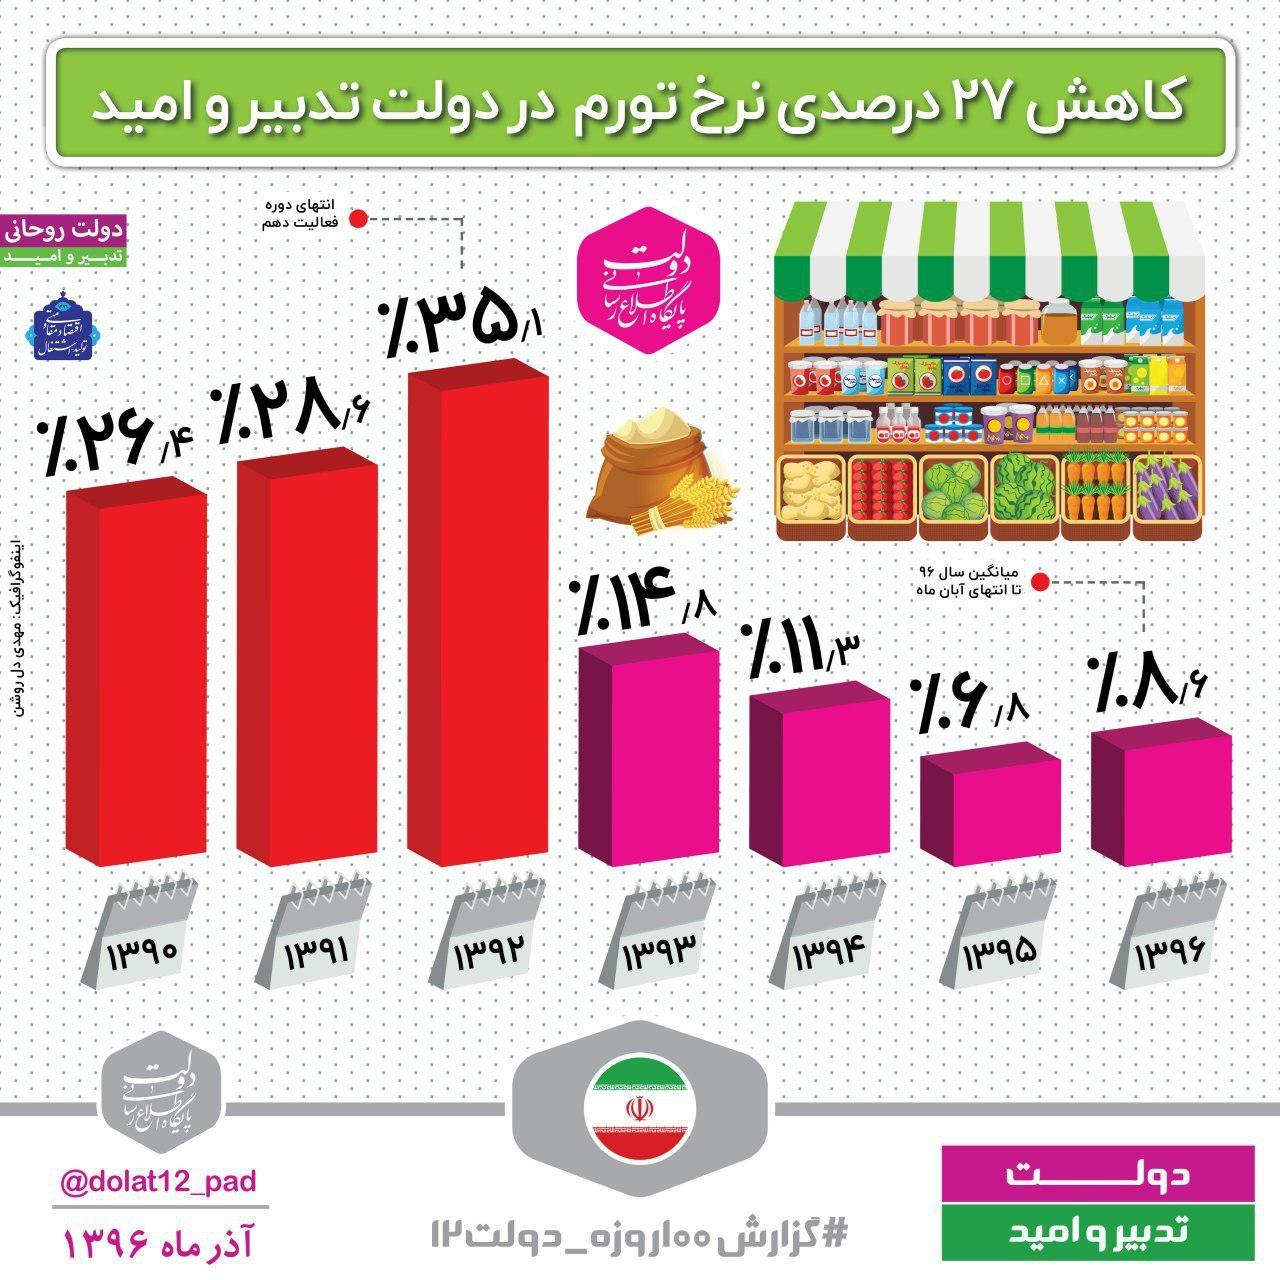 کاهش ۲۷درصدی نرخ تورم در دولت روحانی